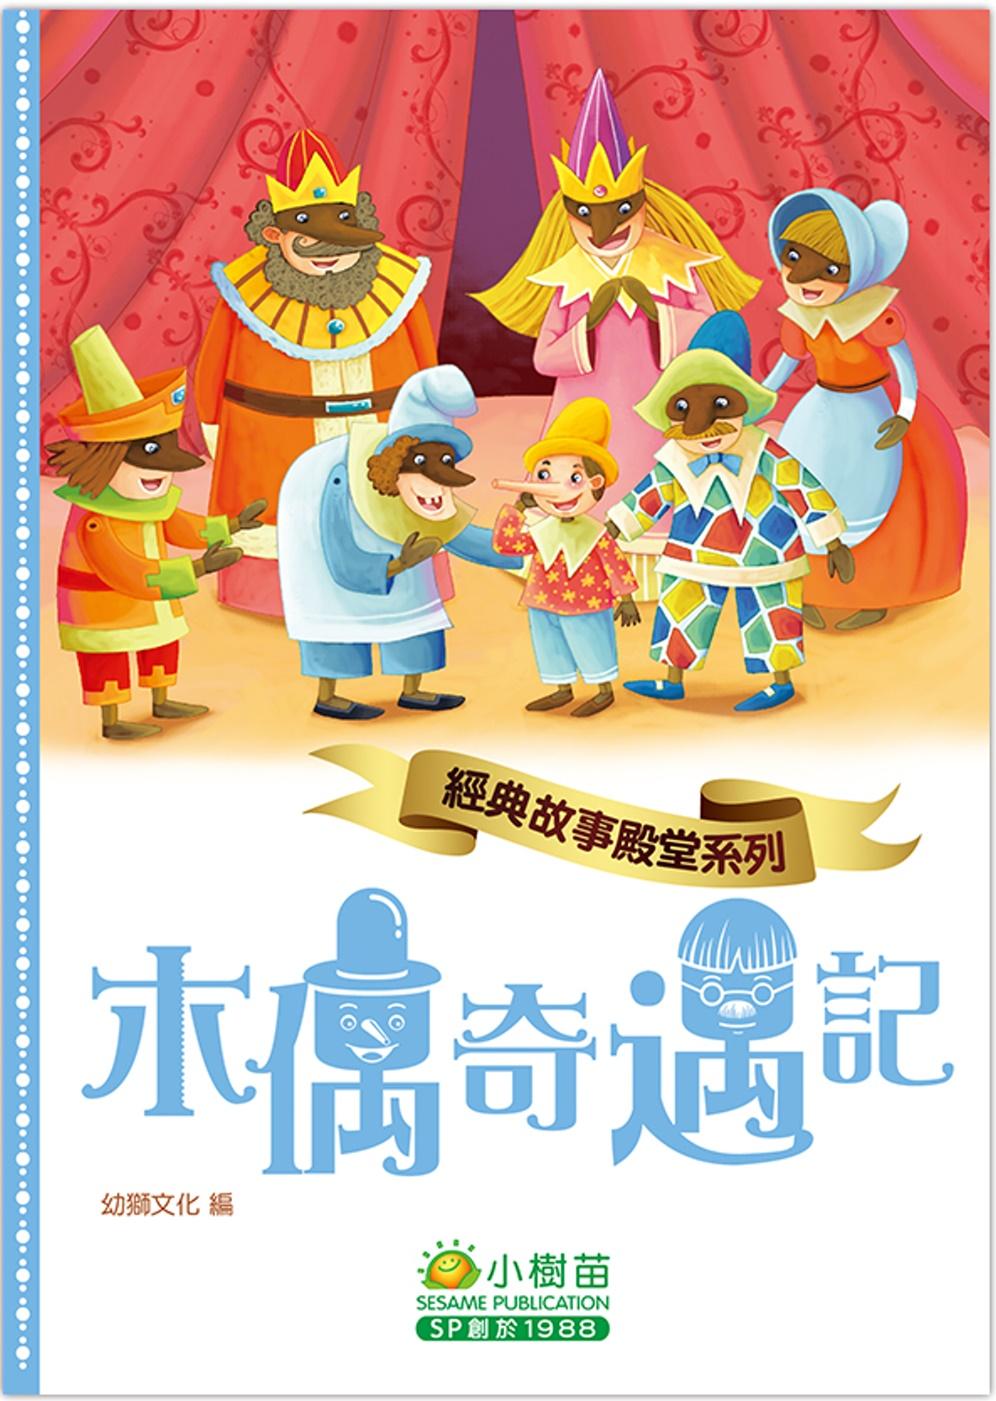 《經典故事殿堂:木偶奇遇記》 商品條碼,ISBN:9789888419494